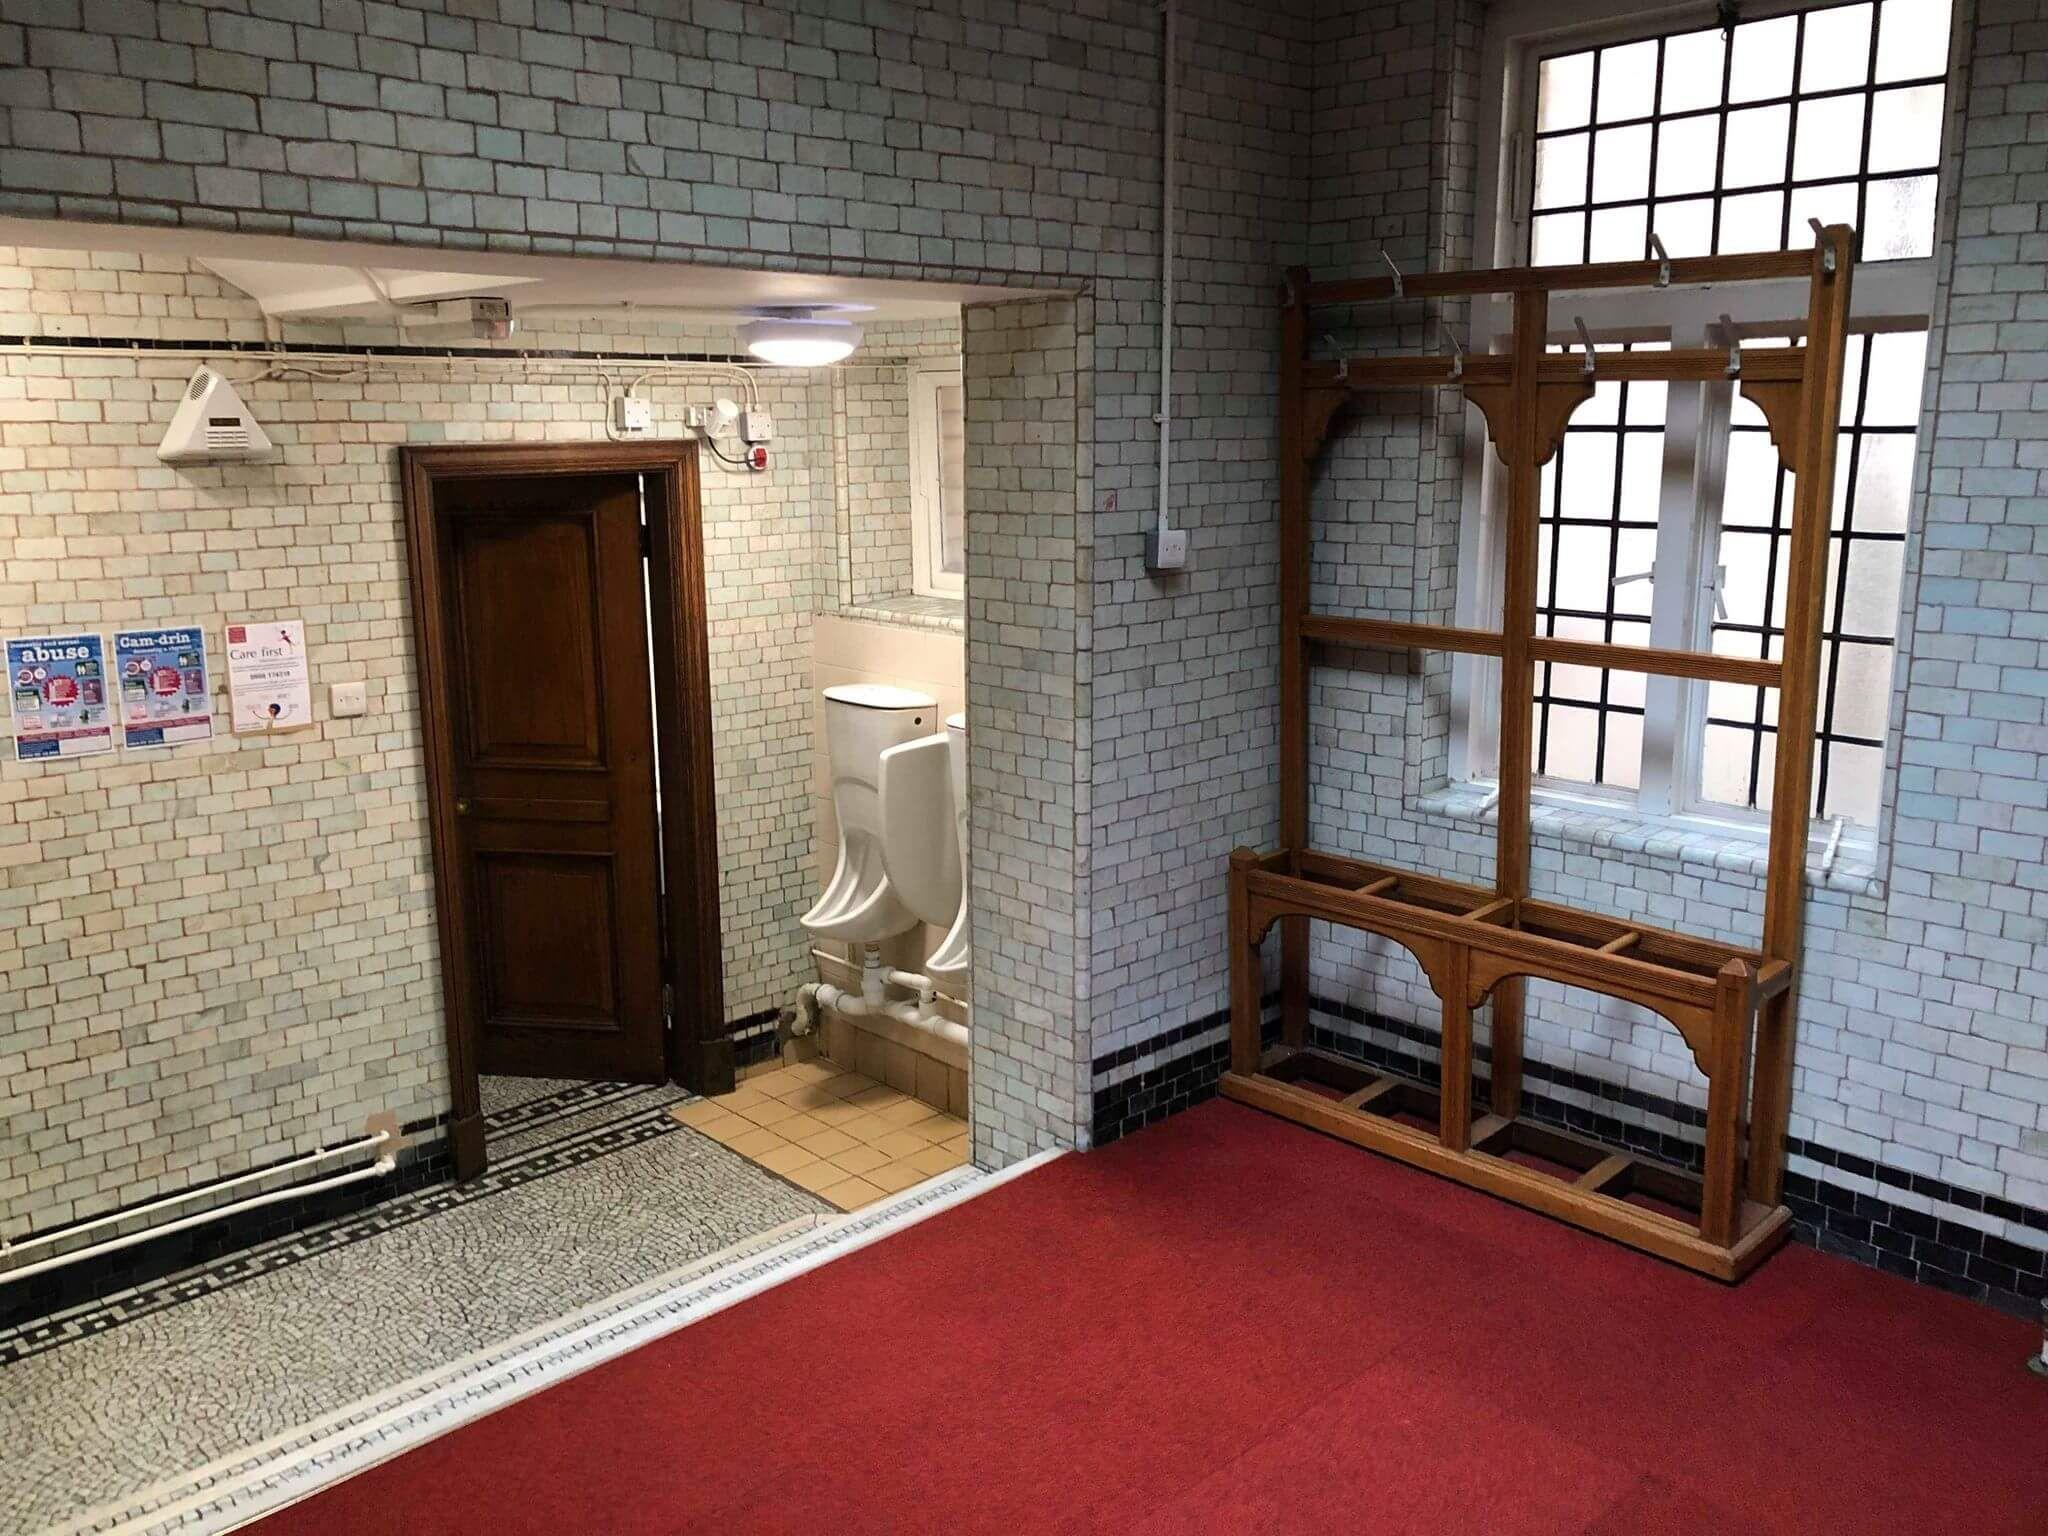 Image may contain: Toilet, Bathroom, Floor, Housing, Building, Interior Design, Room, Indoors, Flooring, Door